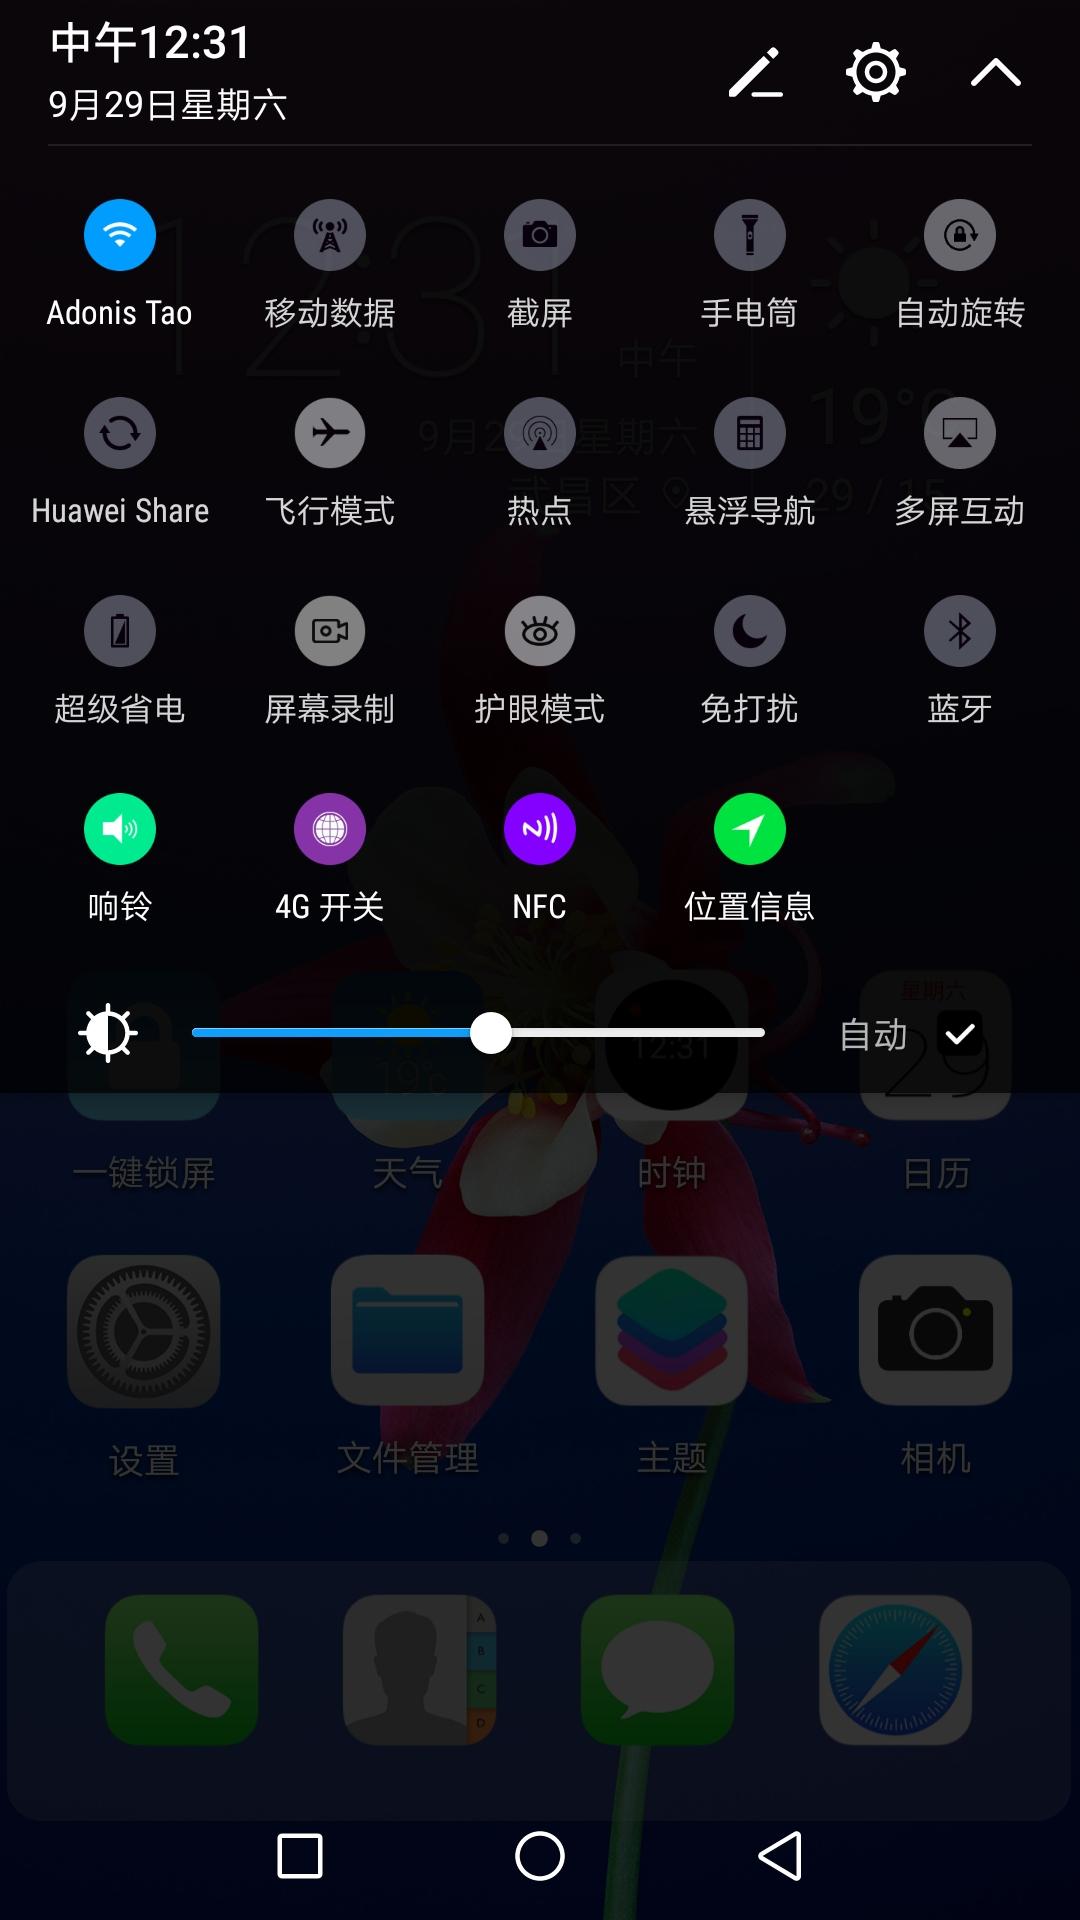 Screenshot_20180929-123128.jpg